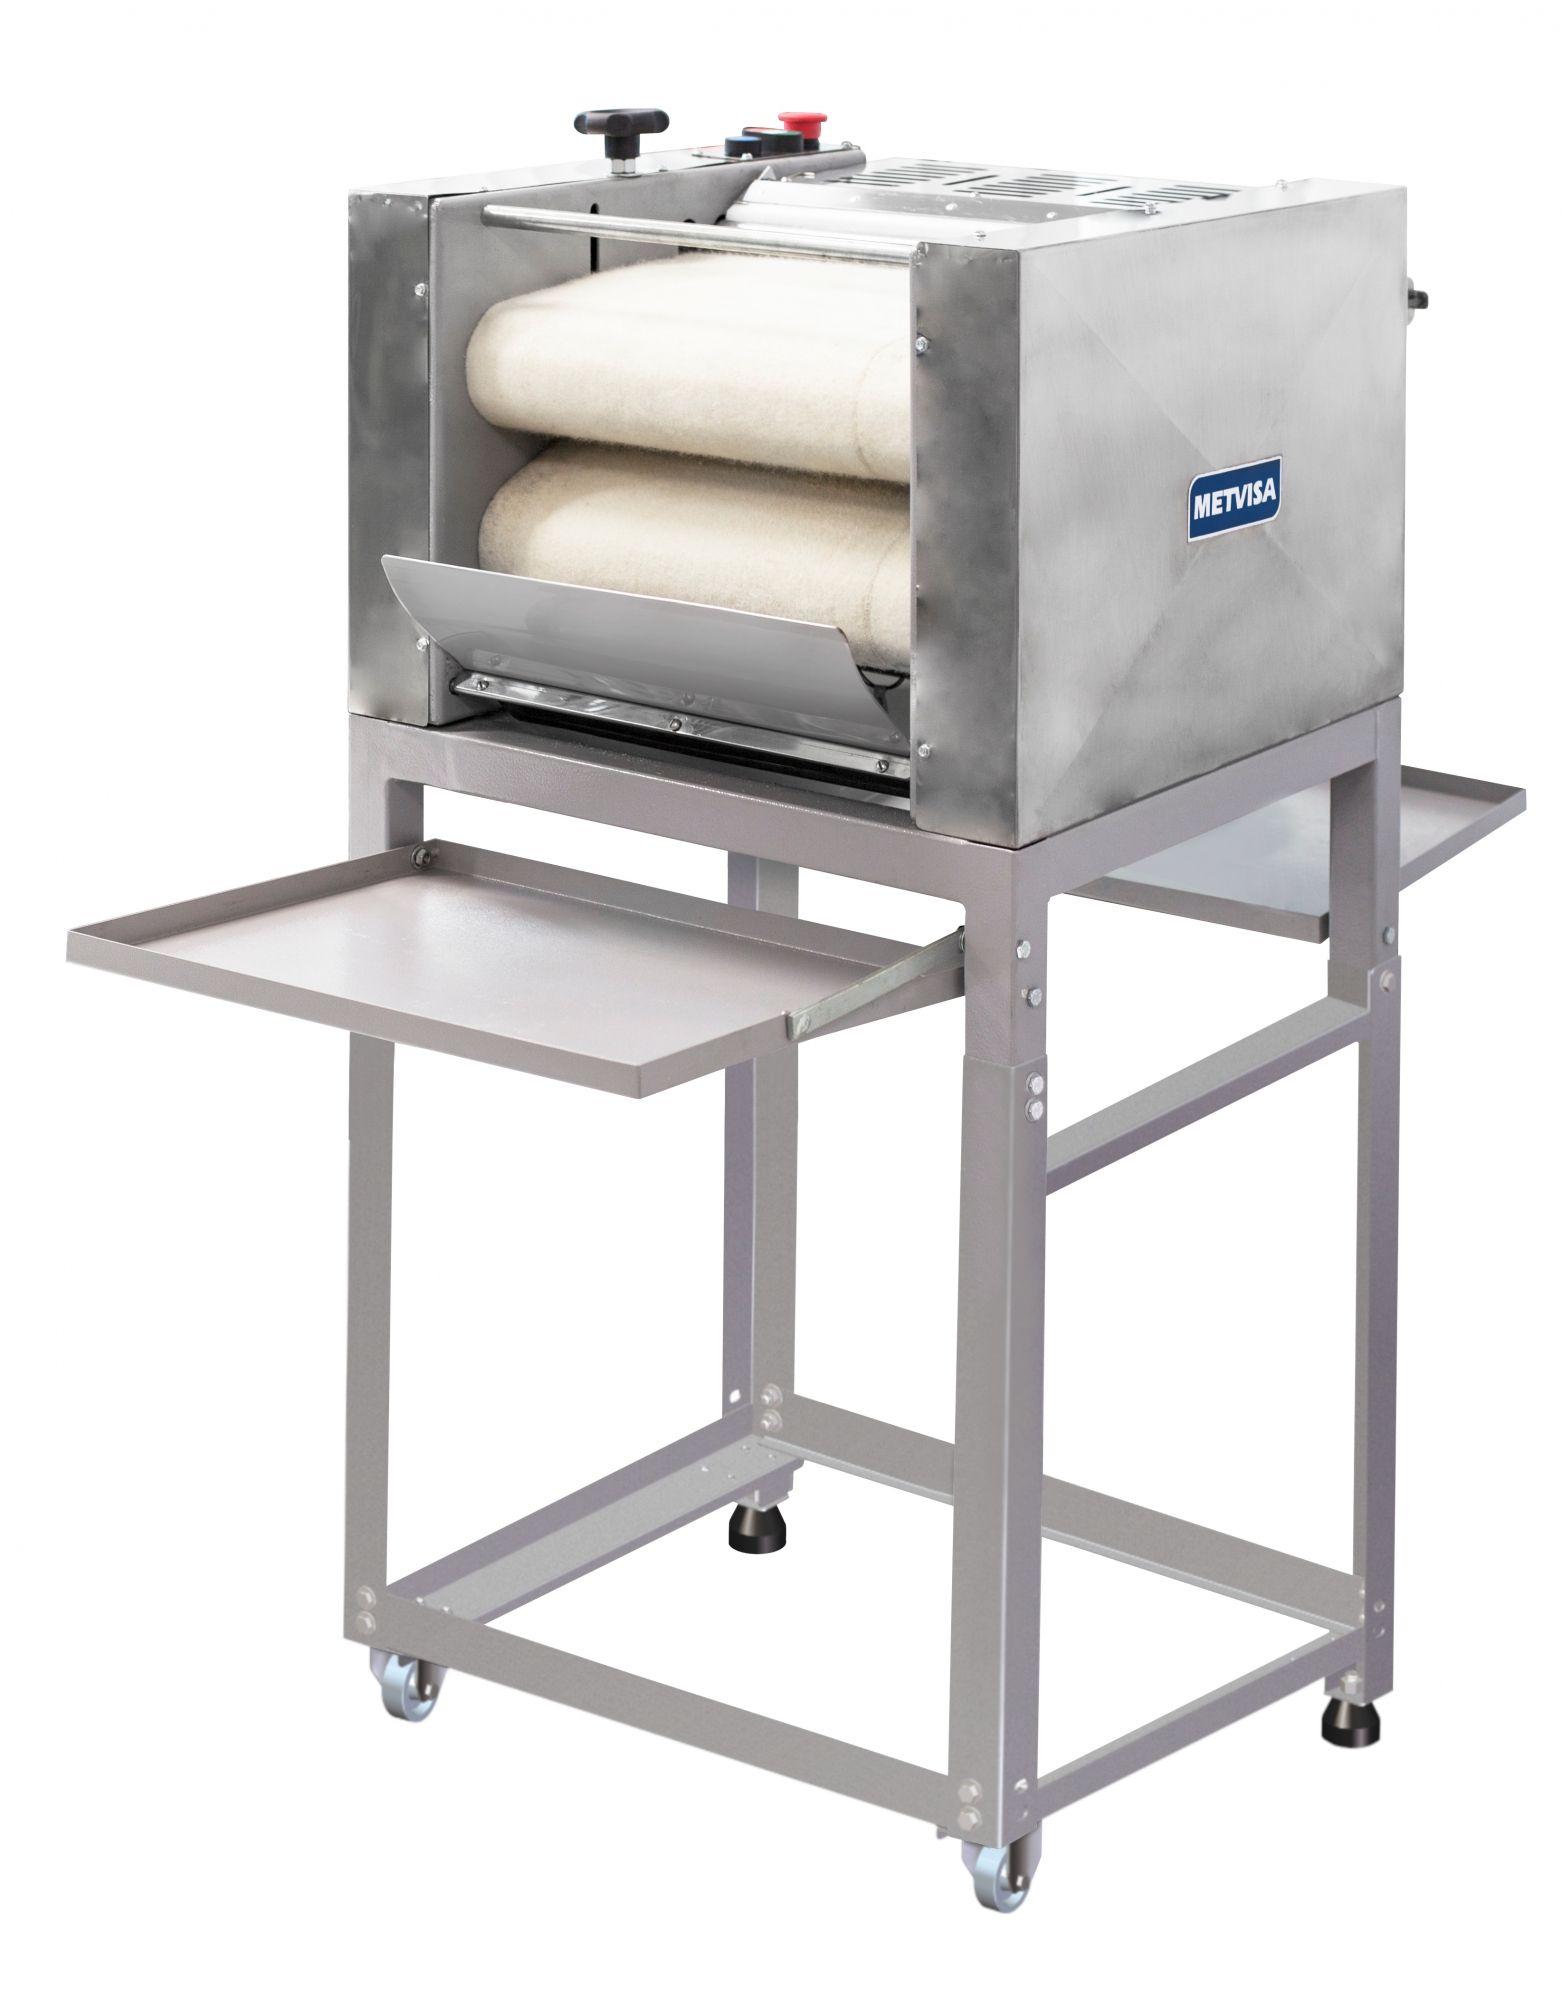 Modeladora de Pães com Cavalete Metvisa - MPC220M60N5